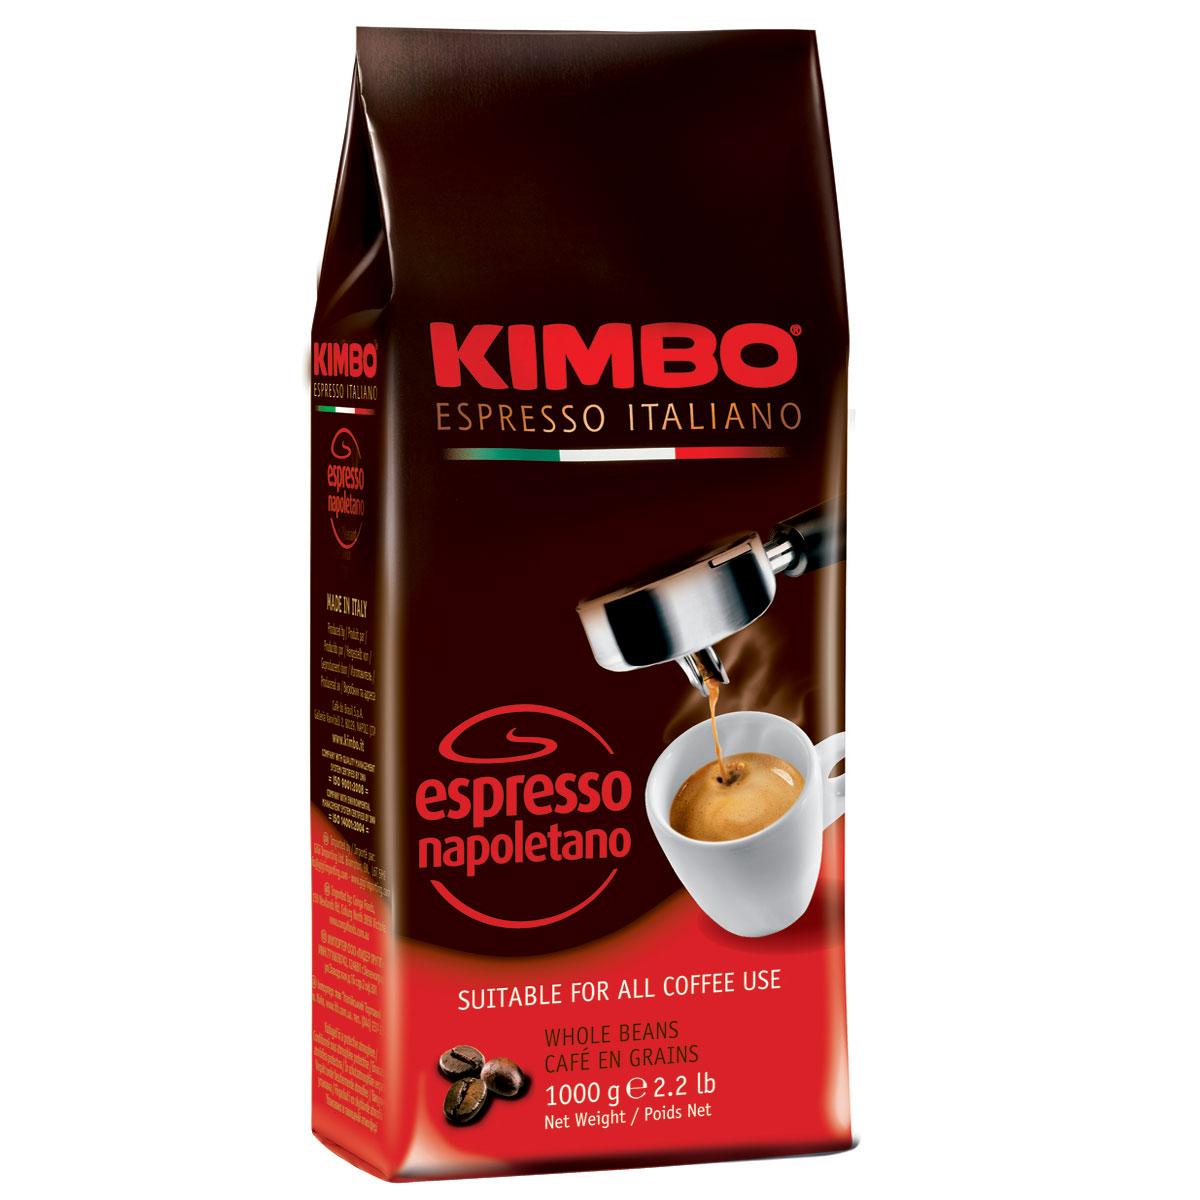 Kimbo Espresso Napoletano кофе в зернах, 1 кг8002200101688Натуральный жареный кофе в зернах Kimbo Espresso Napoletano с интенсивным вкусом и богатым ароматом. Традиционная неаполитанская обжарка характеризуется густой пенкой. Идеально подходит для любителей крепкого эспрессо. Смесь содержит 90% арабики и 10% робусты.